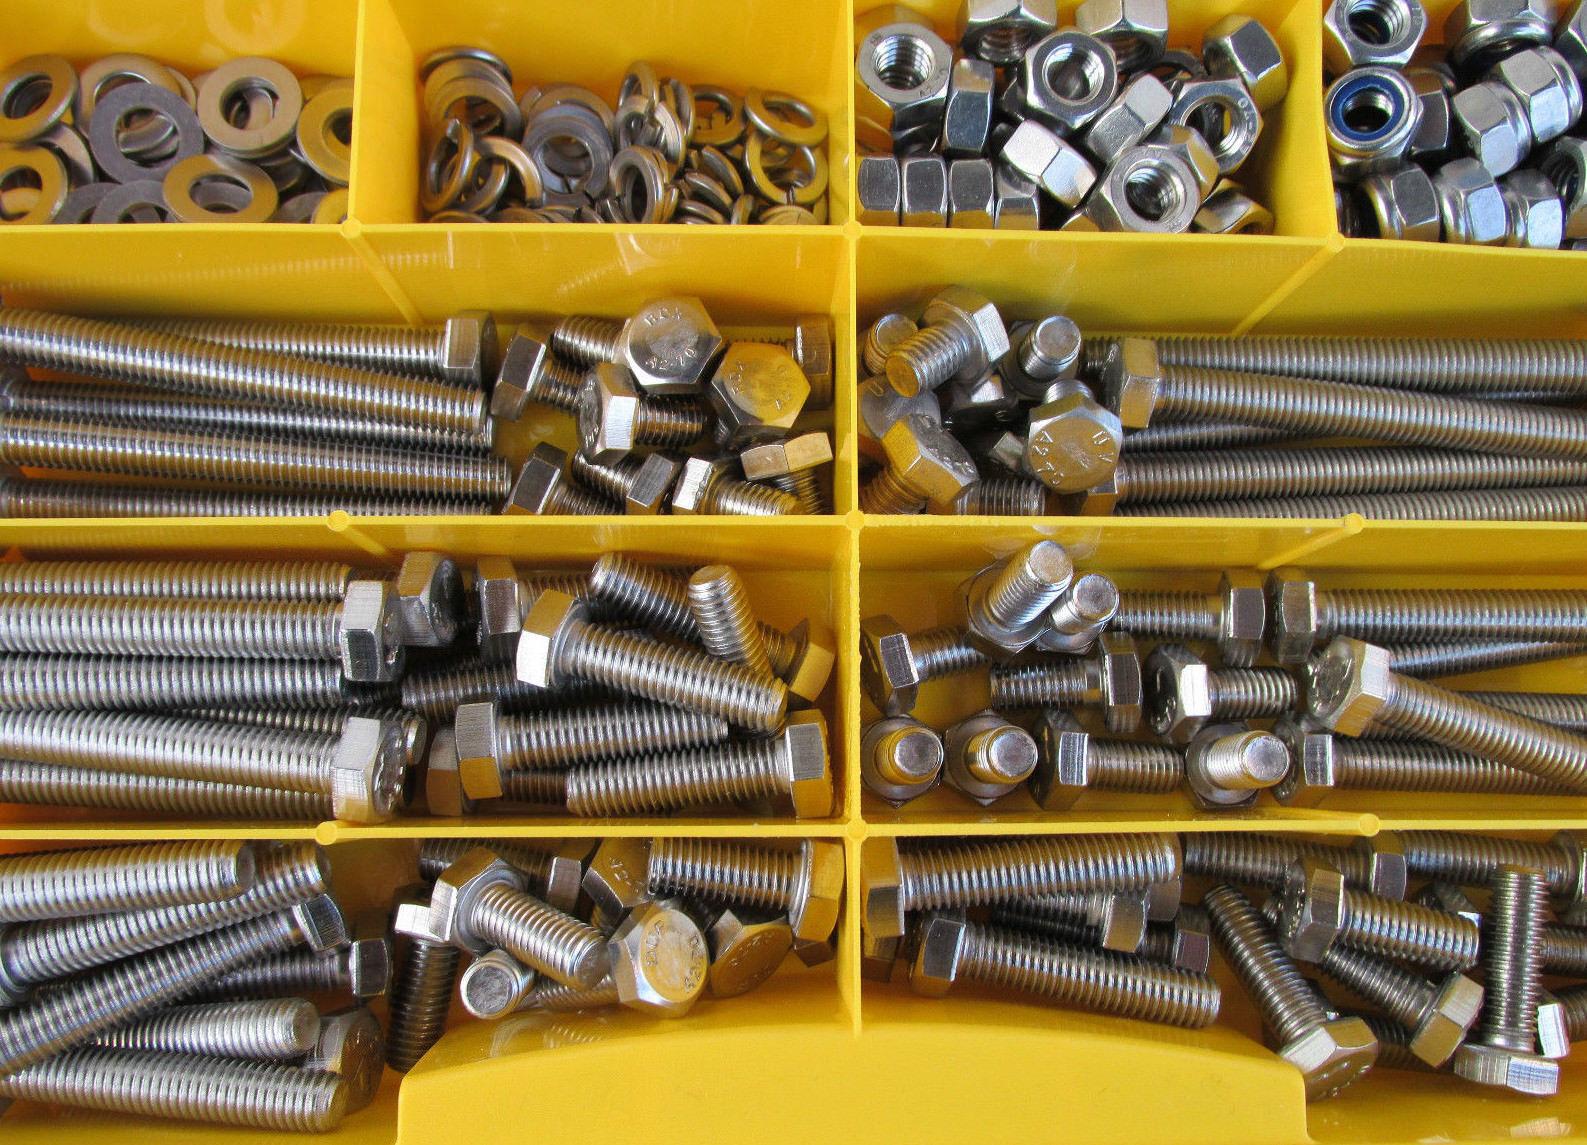 180 Teile Edelstahl VA Sechskant Schrauben Muttern Scheiben BOX BOX BOX DIN 933 M8   M10 | Verpackungsvielfalt  09eb9a